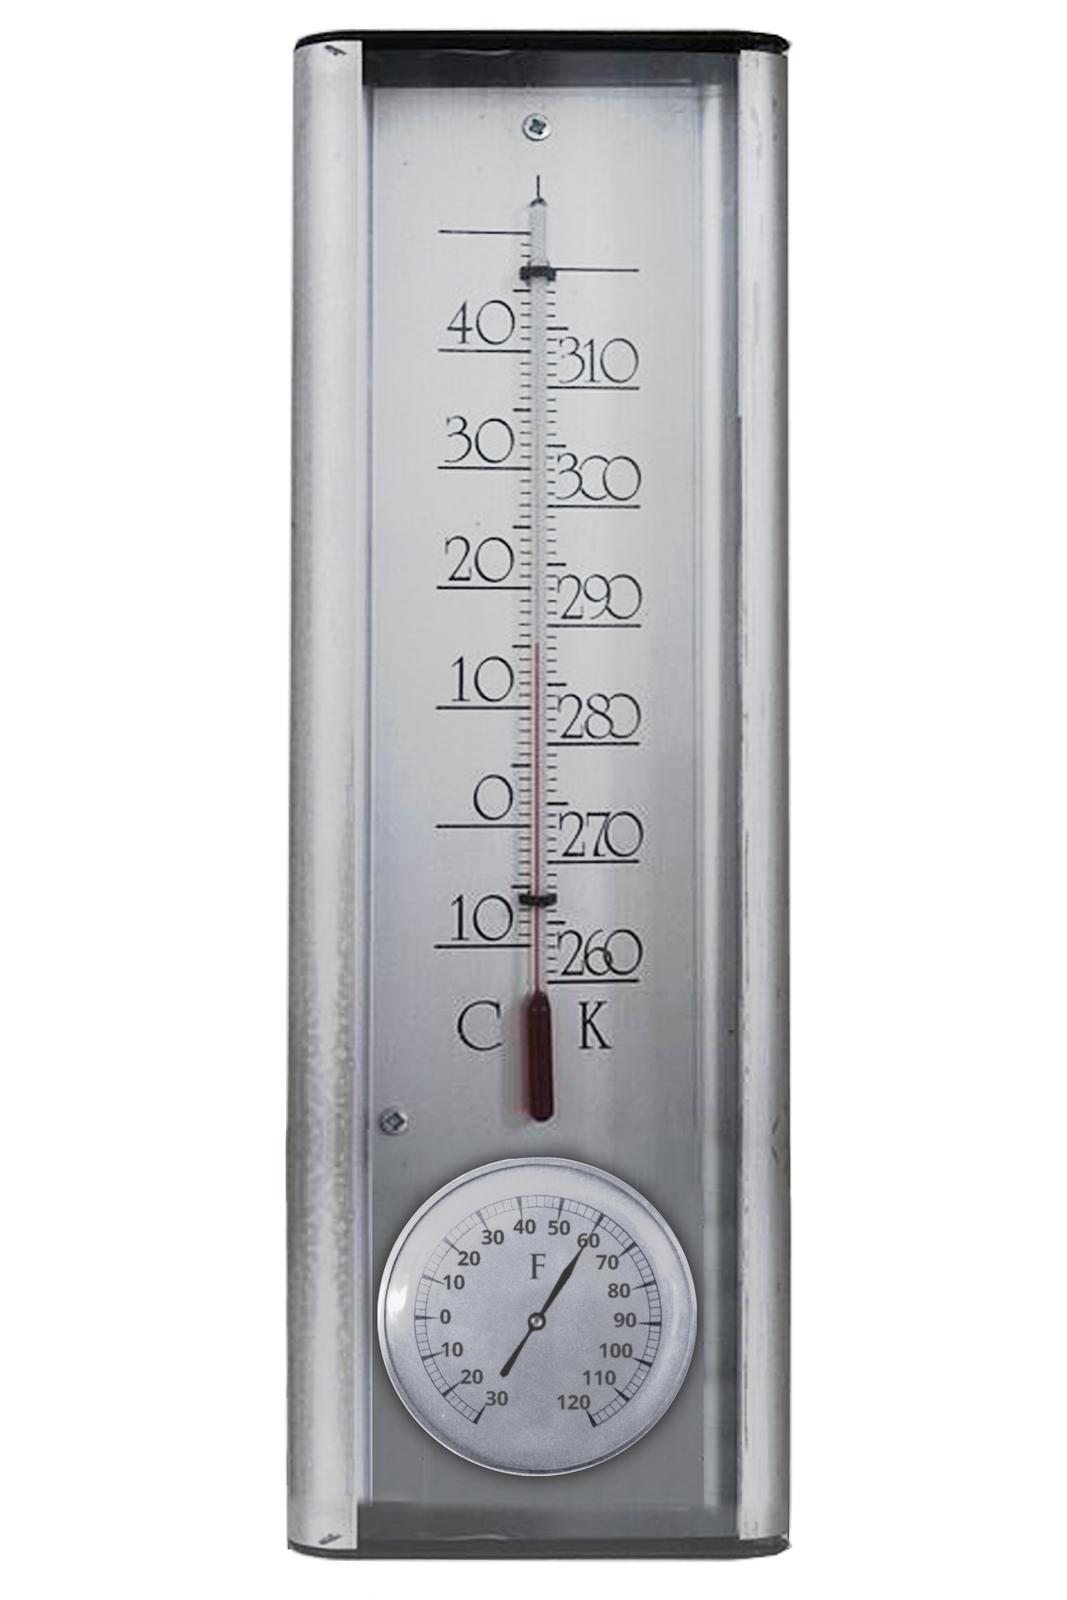 Fotografia przedstawia termometr cieczowy ztrzema skalami temperatur: Celsjusza, Fahrenheita iKelvina.